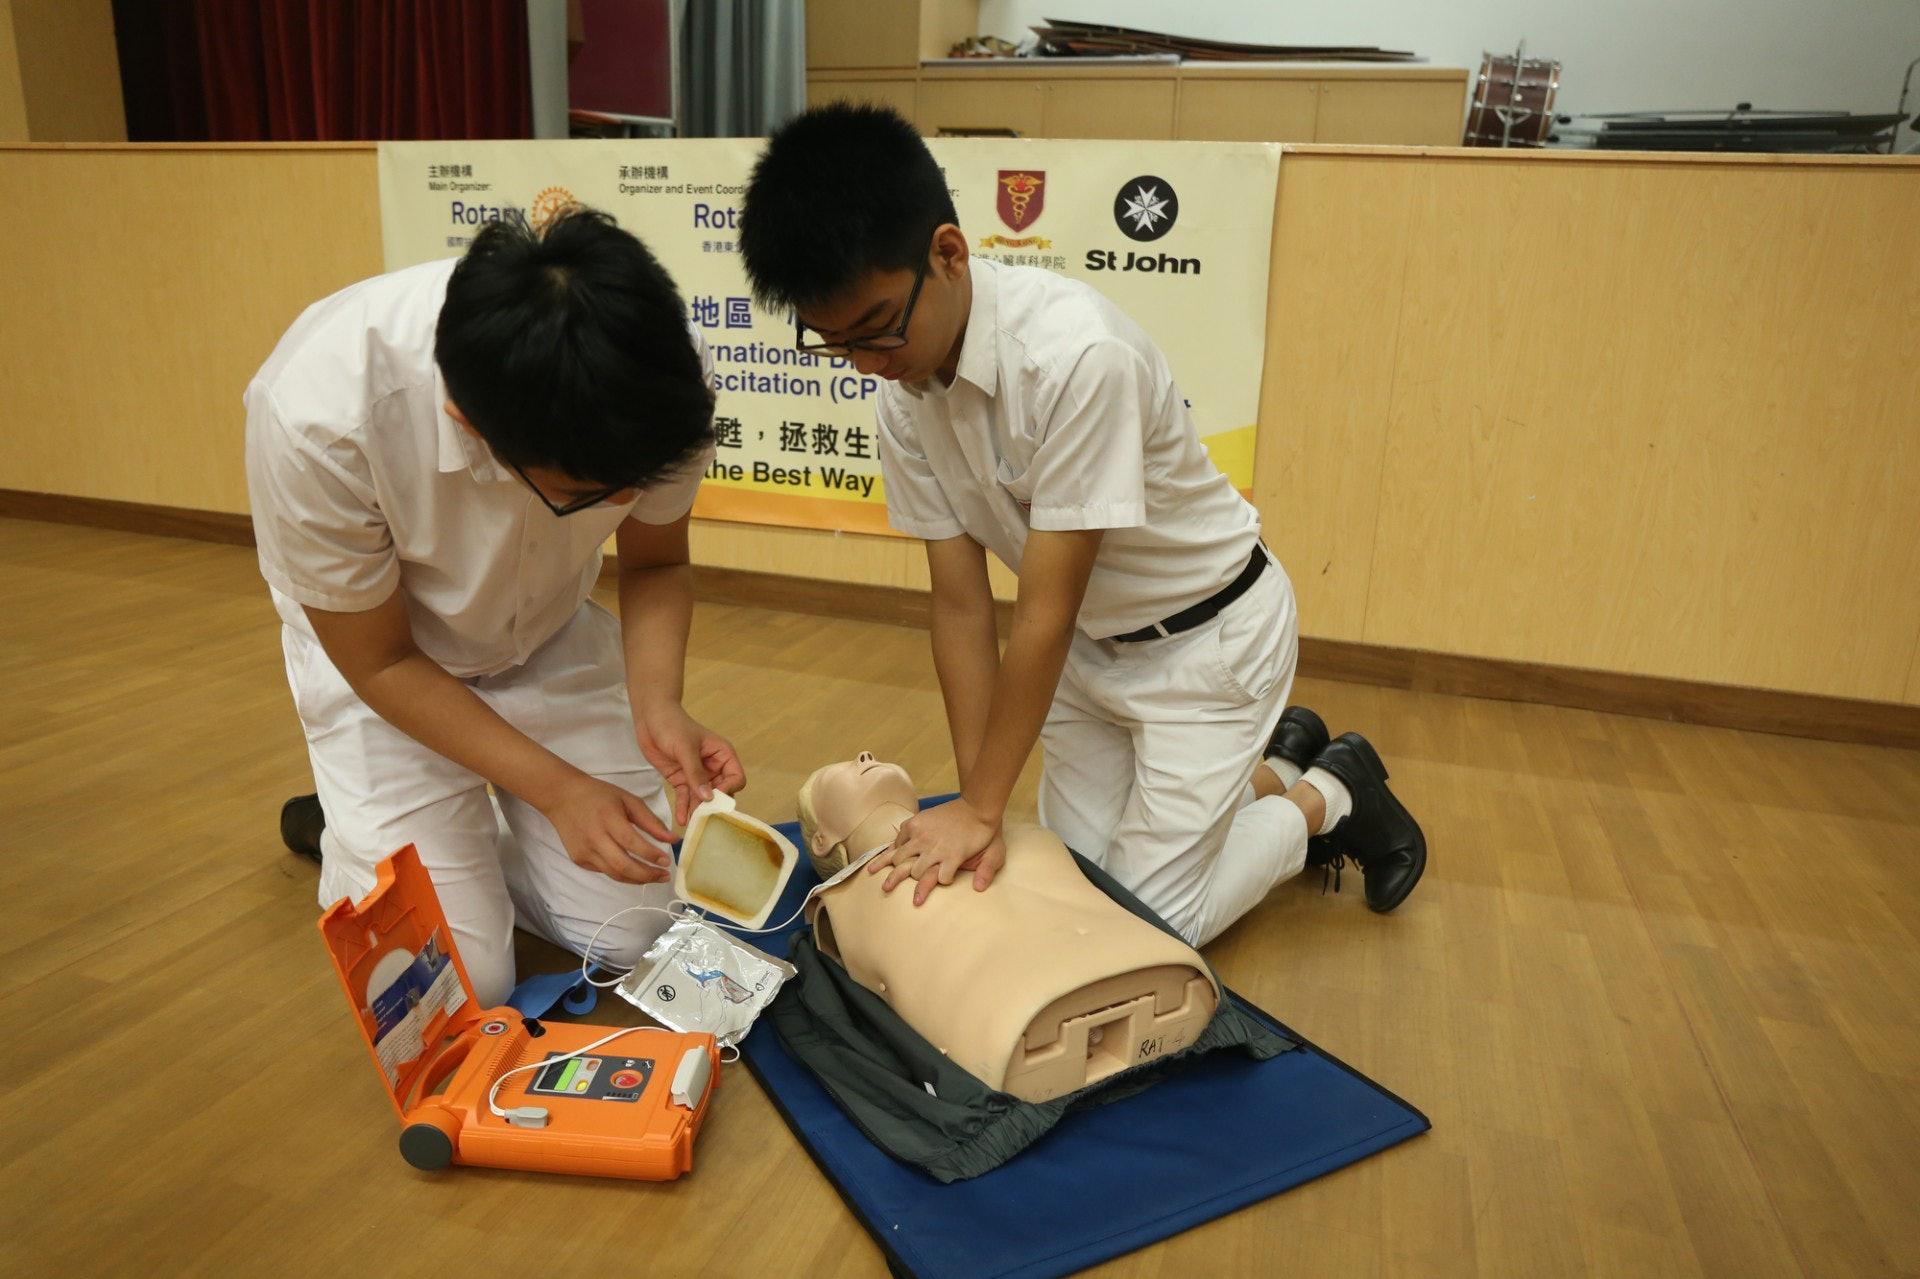 學生以人型公仔示範用AED機進行心肺復甦法急救。(陳百灝攝)